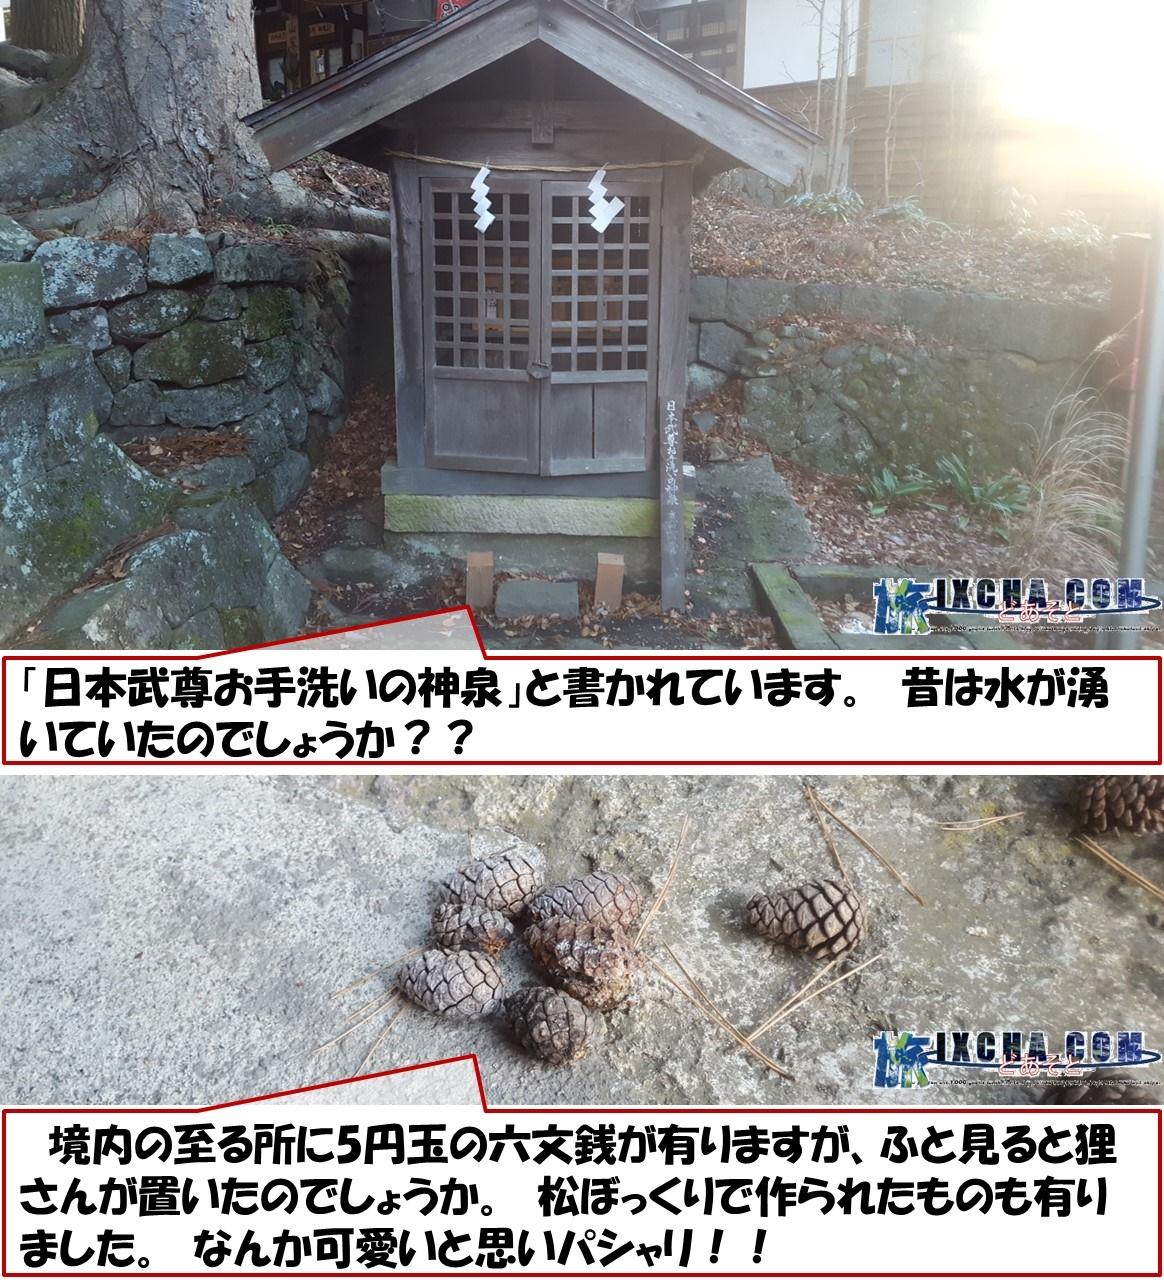 「日本武尊お手洗いの神泉」と書かれています。 昔は水が湧いていたのでしょうか?? 境内の至る所に5円玉の六文銭が有りますが、ふと見ると狸さんが置いたのでしょうか。 松ぼっくりで作られたものも有りました。 なんか可愛いと思いパシャリ!!